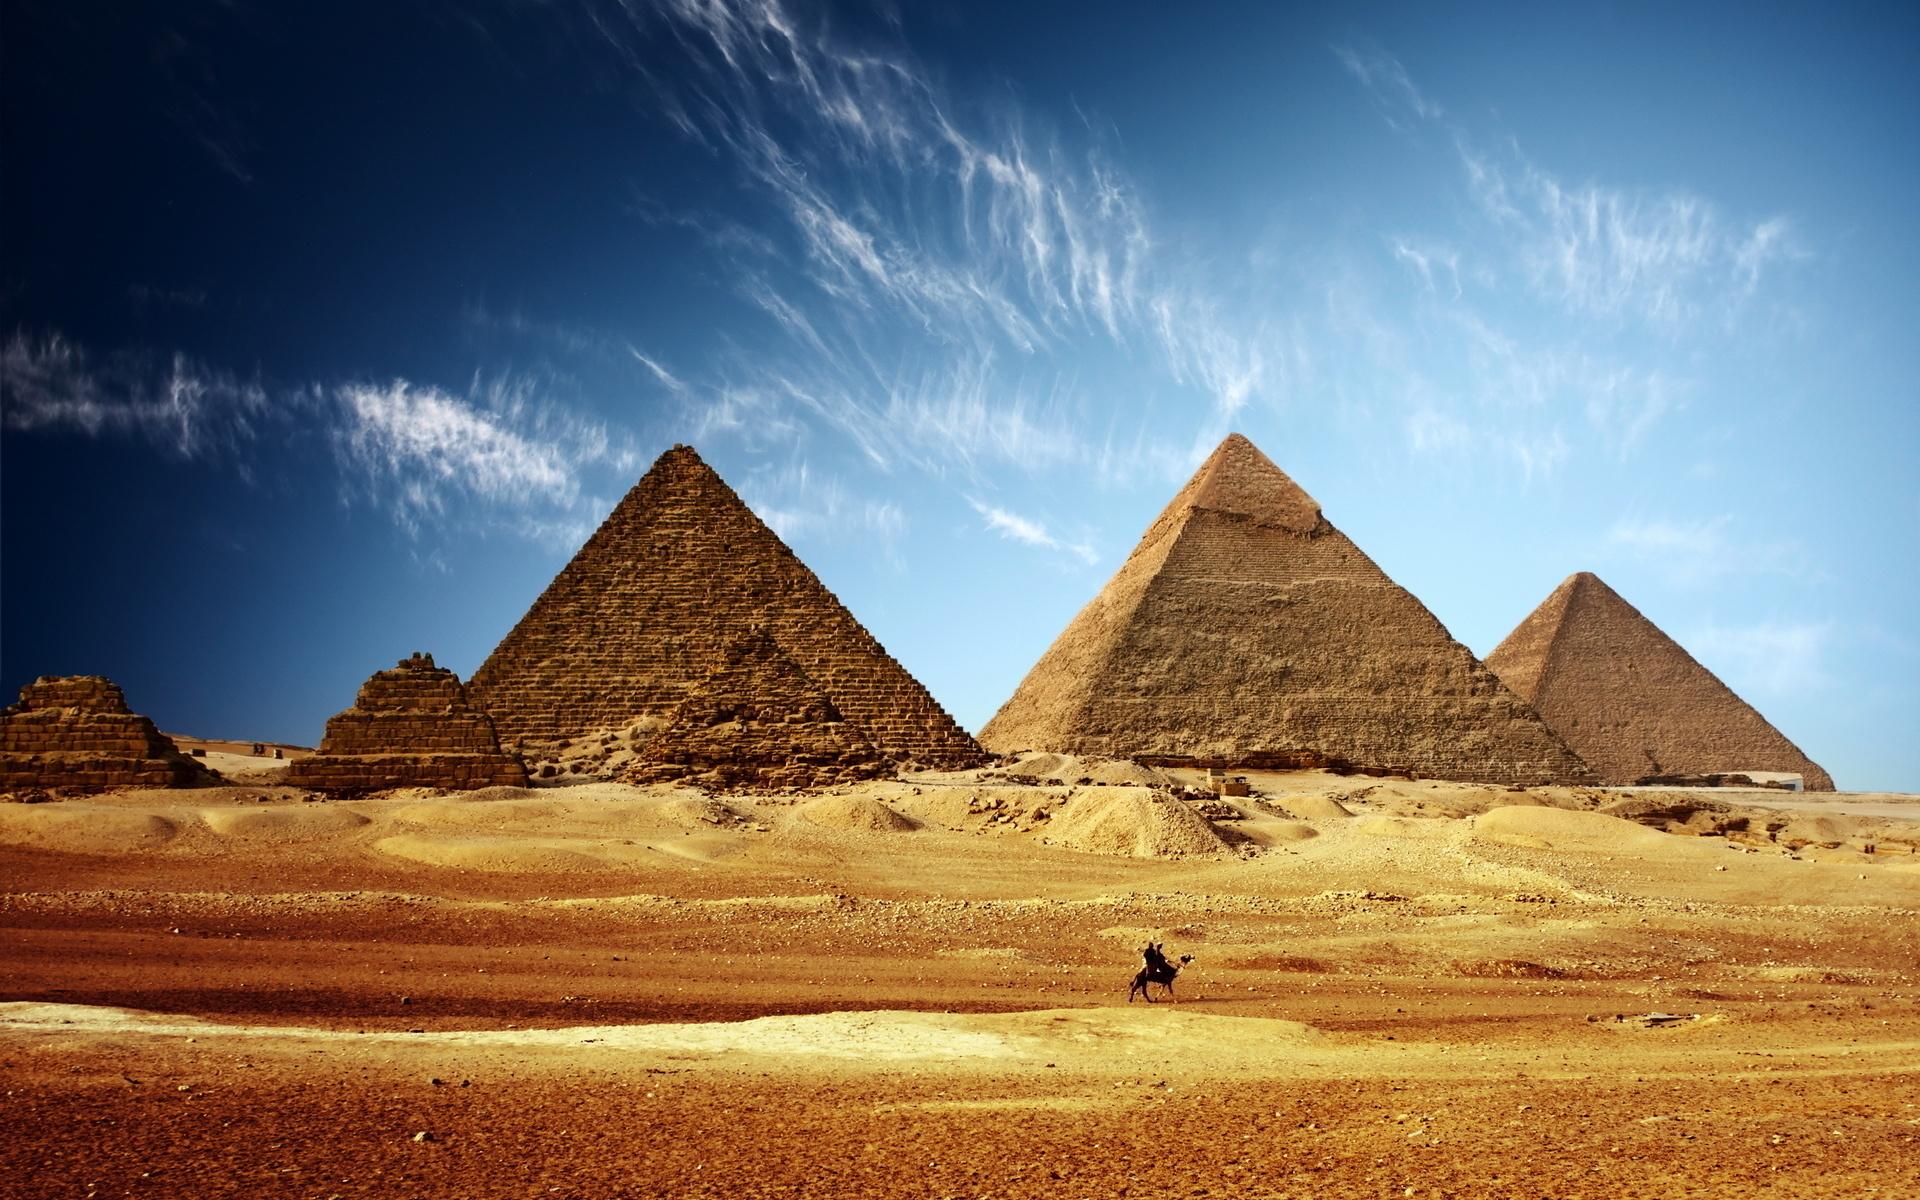 50286 Заставки и Обои Объекты на телефон. Скачать Объекты, Египет, Пейзаж, Пирамиды картинки бесплатно